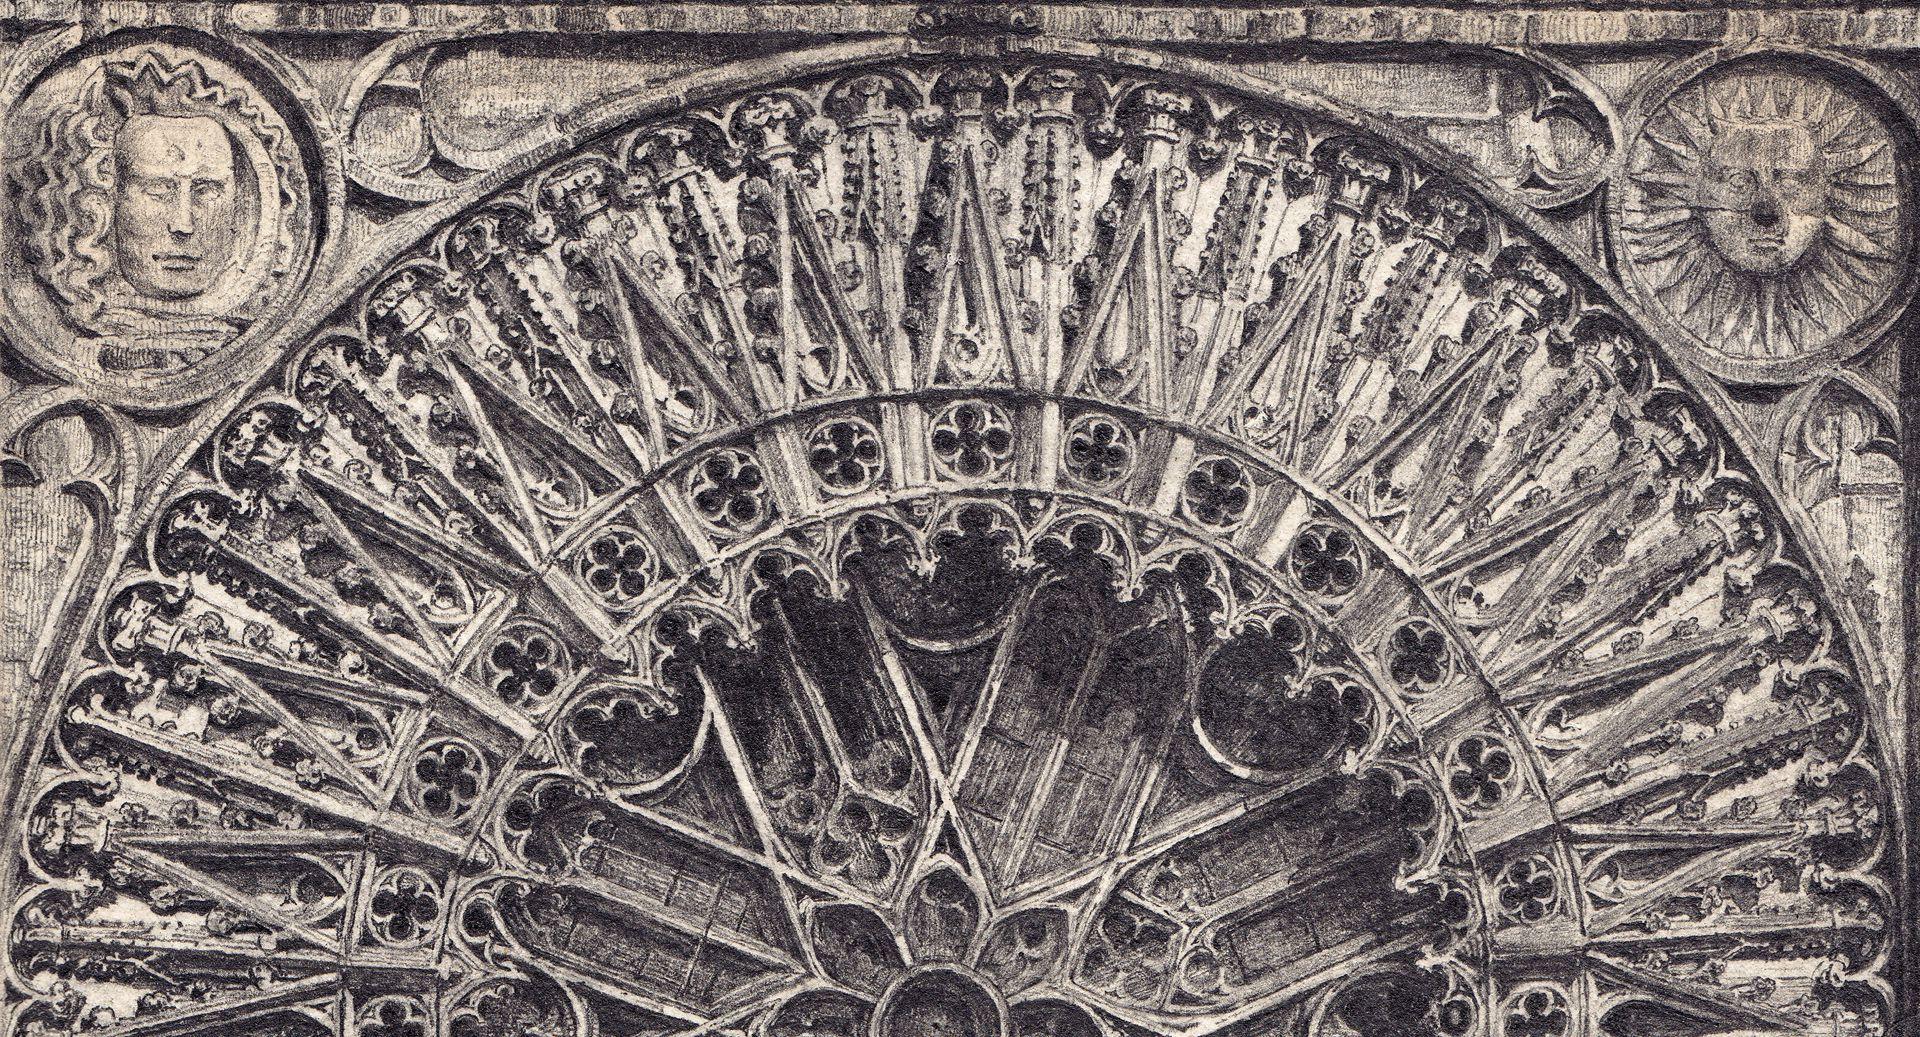 Rosette der Lorenzkirche Detailansicht der oberen Hälfte